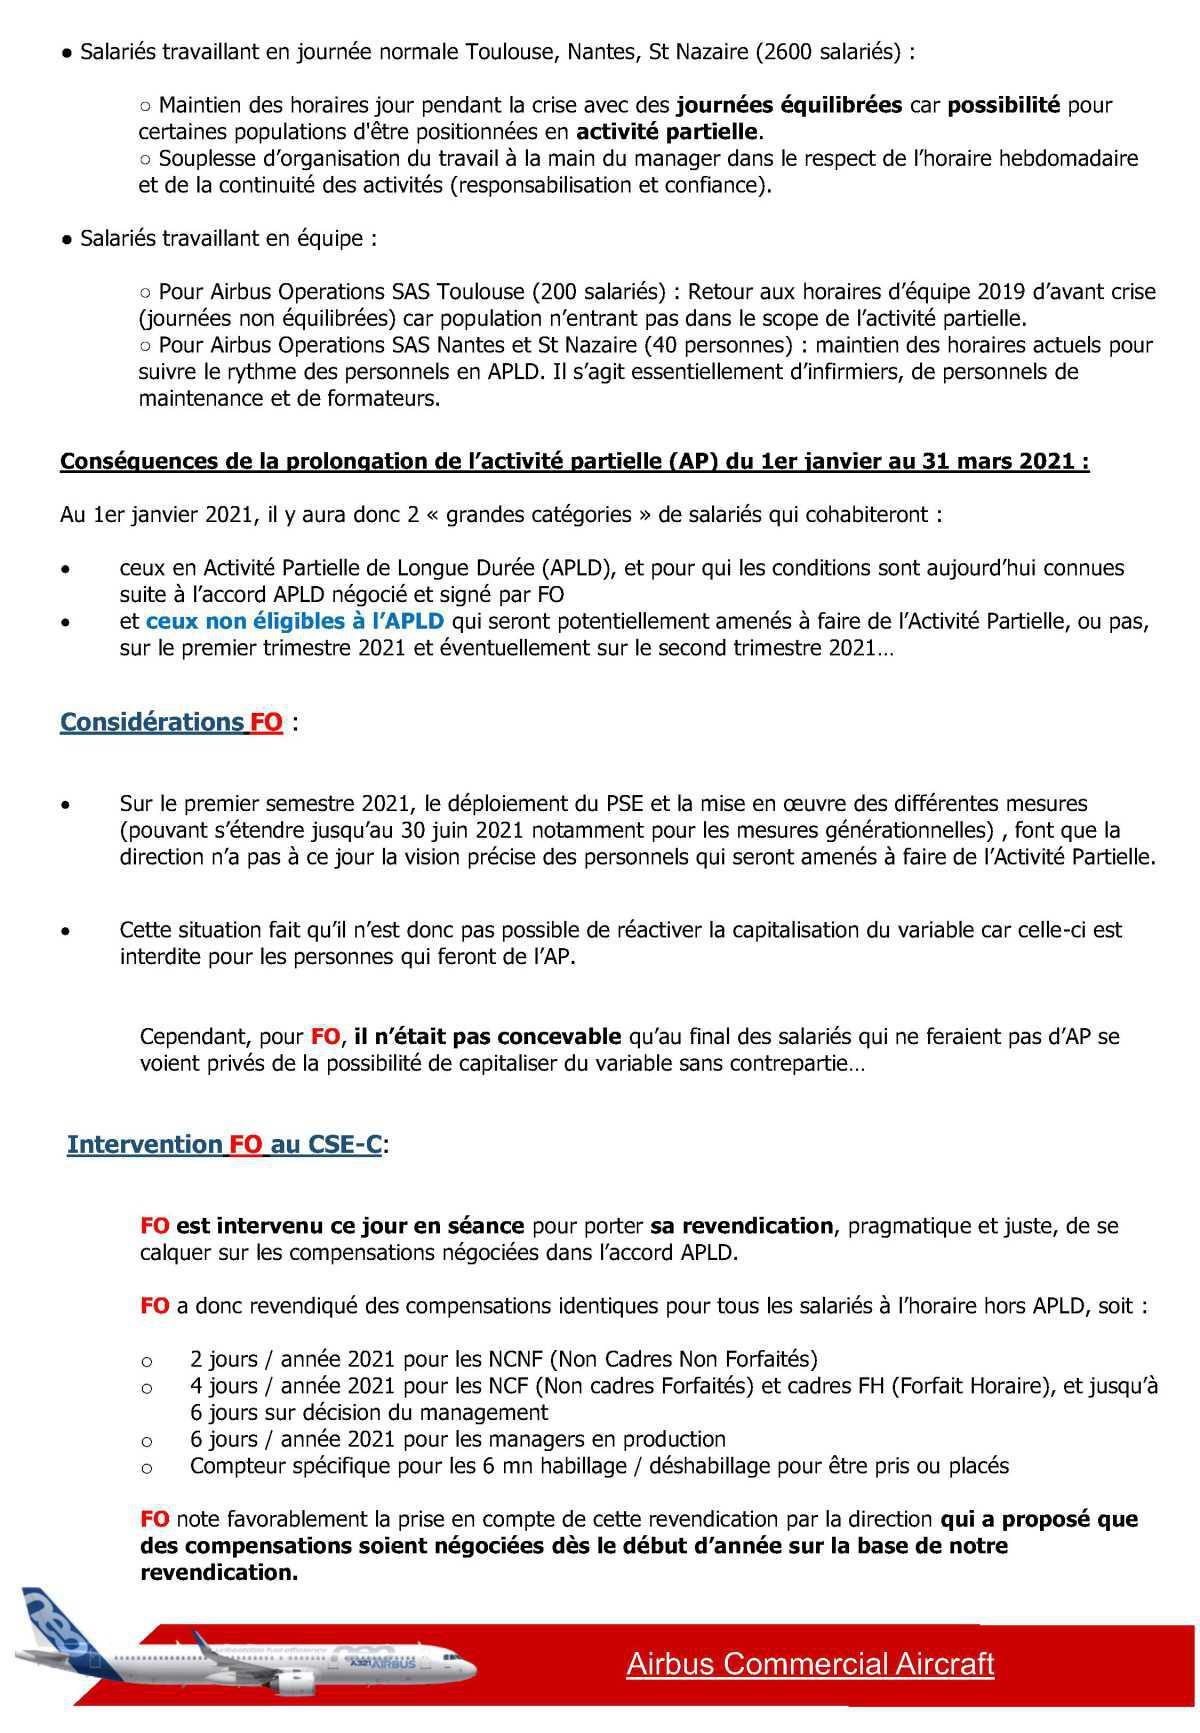 CSE-C du 17 Décembre 2020 - Organisation du travail hors APLD